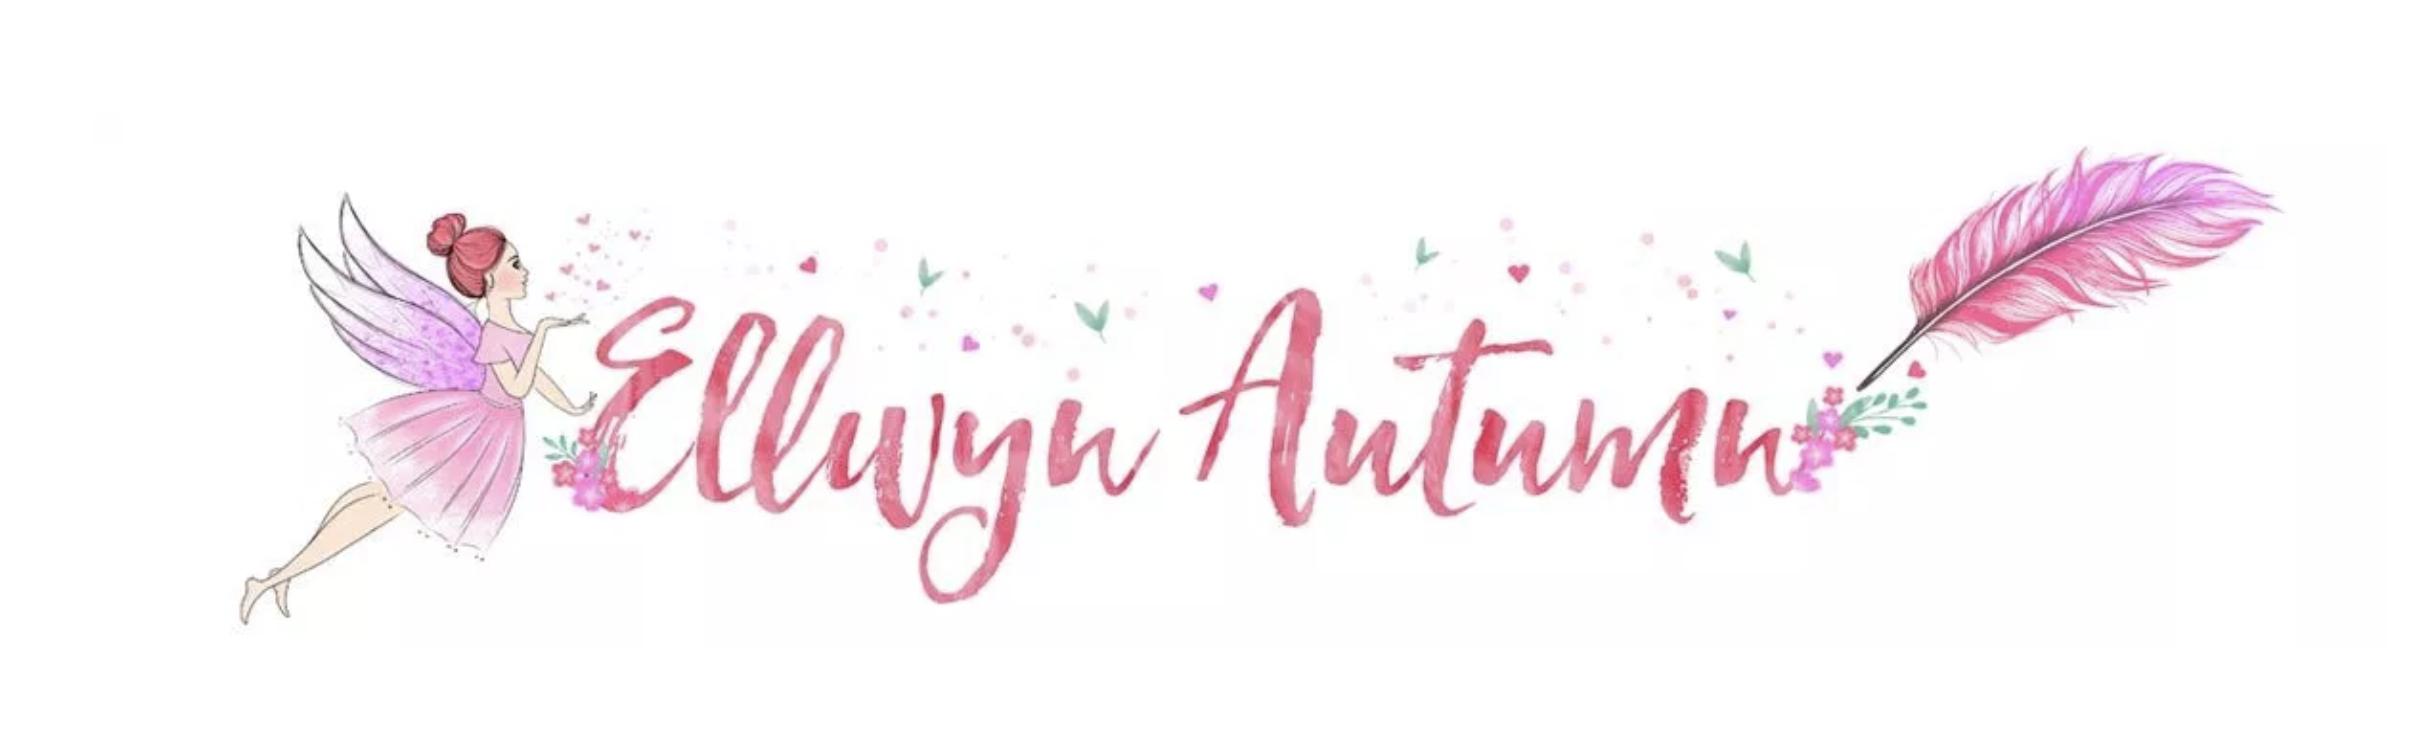 Ellwyn Autumn